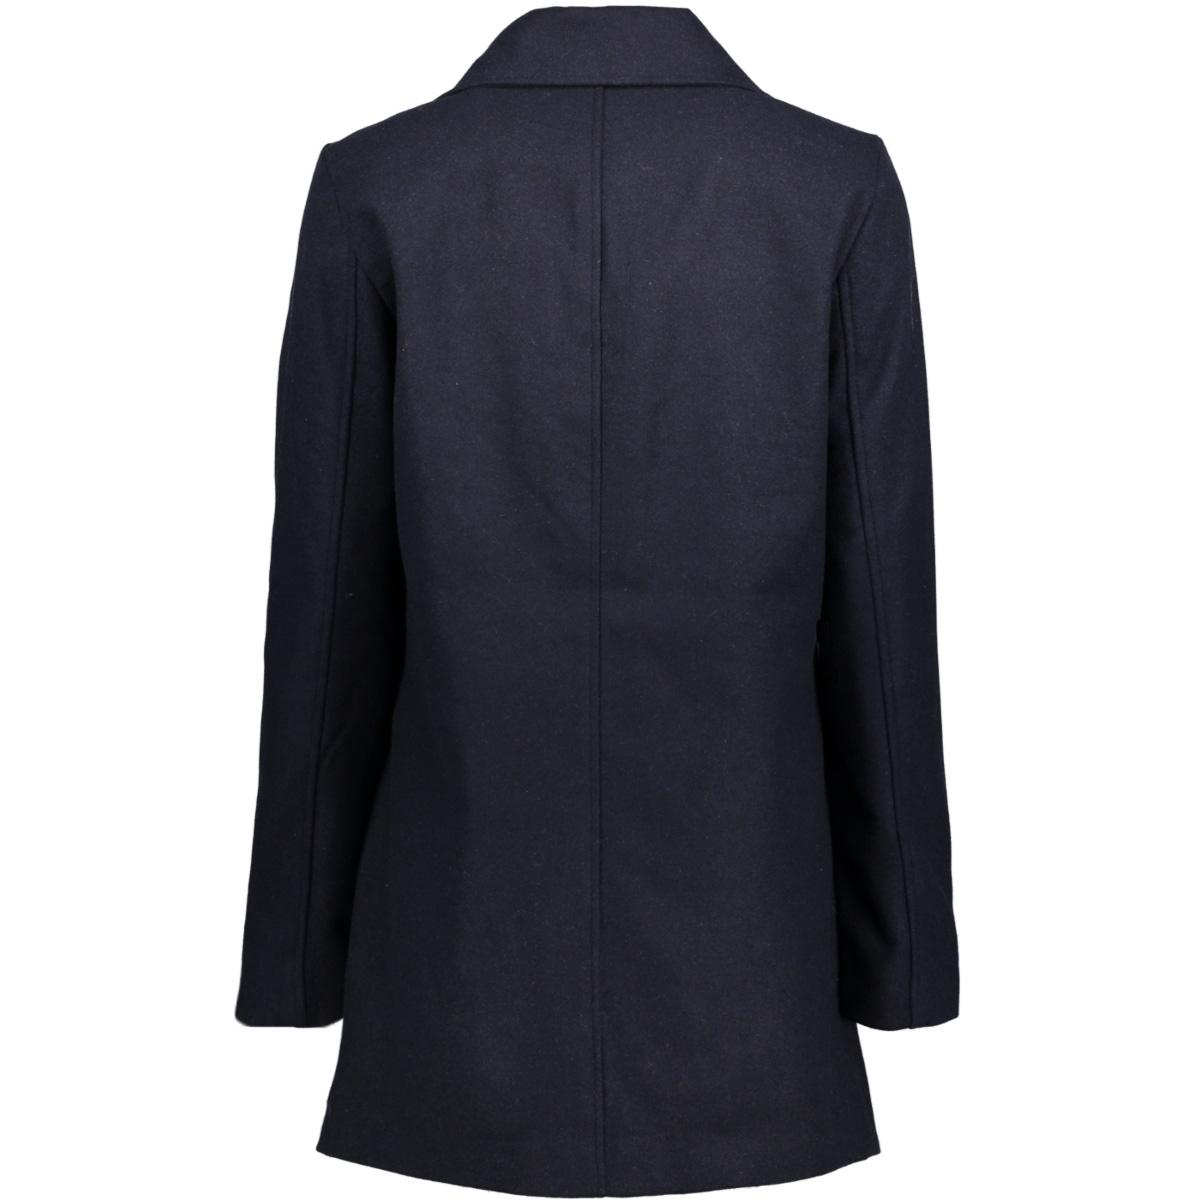 nmminna l/s coat - 4b 10179084 noisy may jas navy blazer